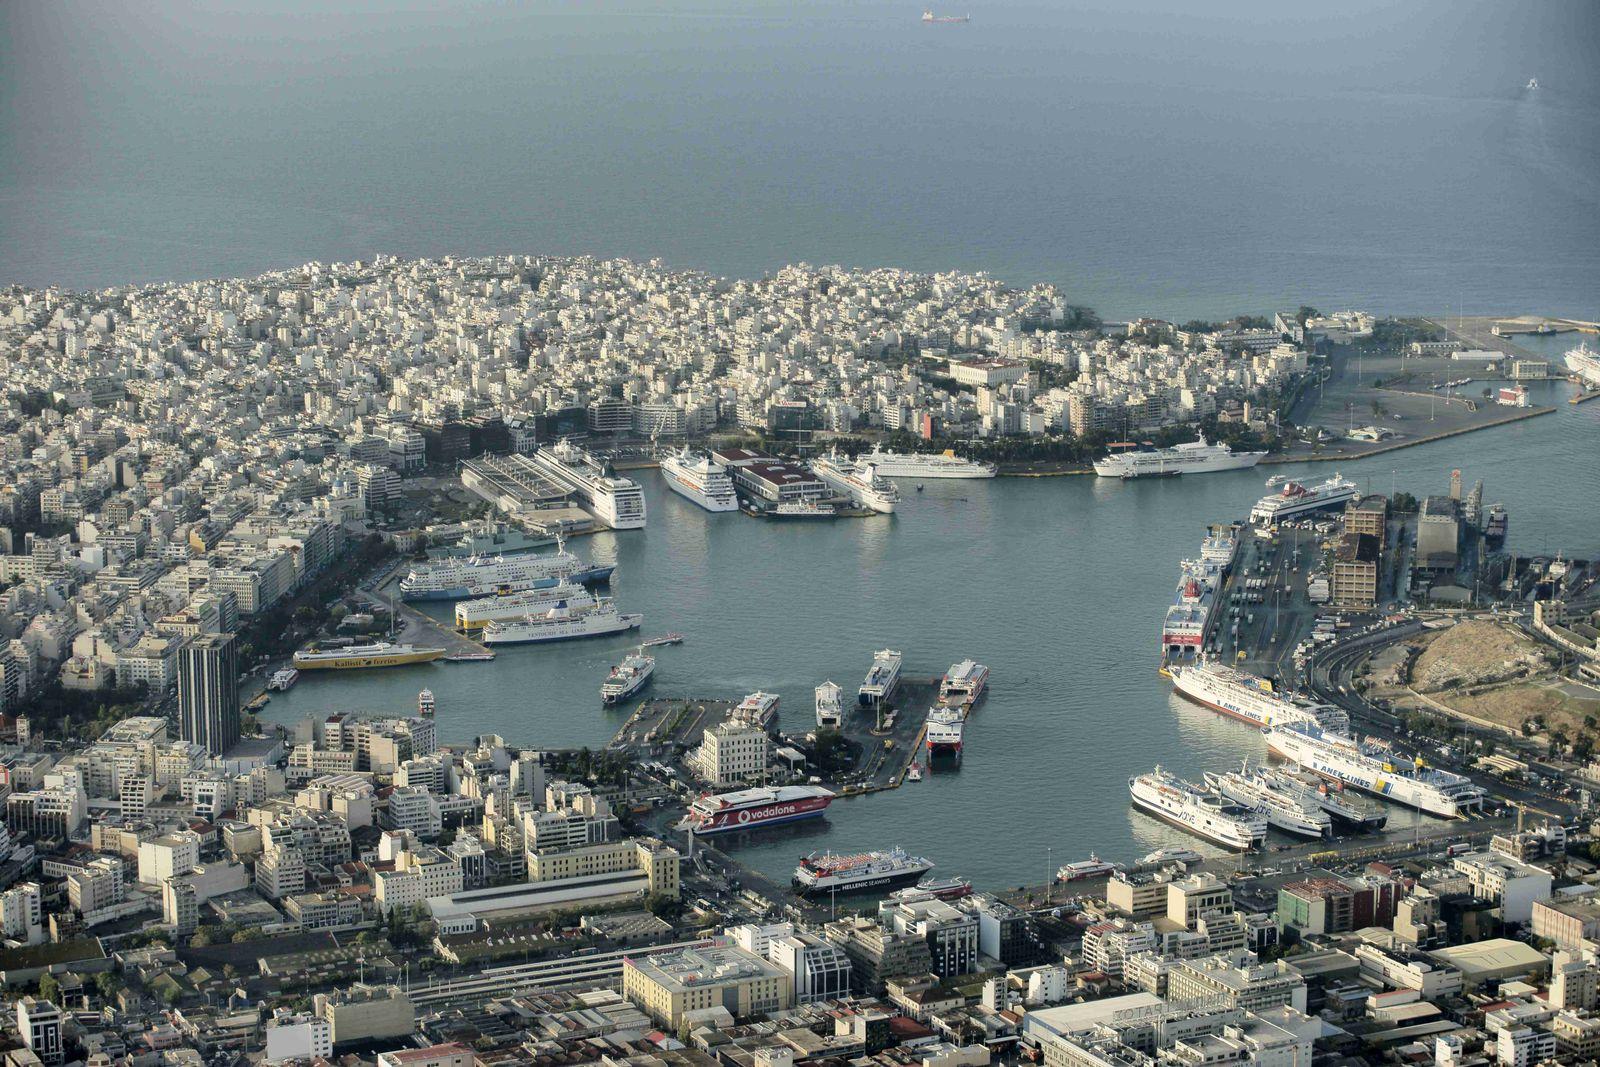 Griechenland / Hafen von Piraeus / Finanzkrise